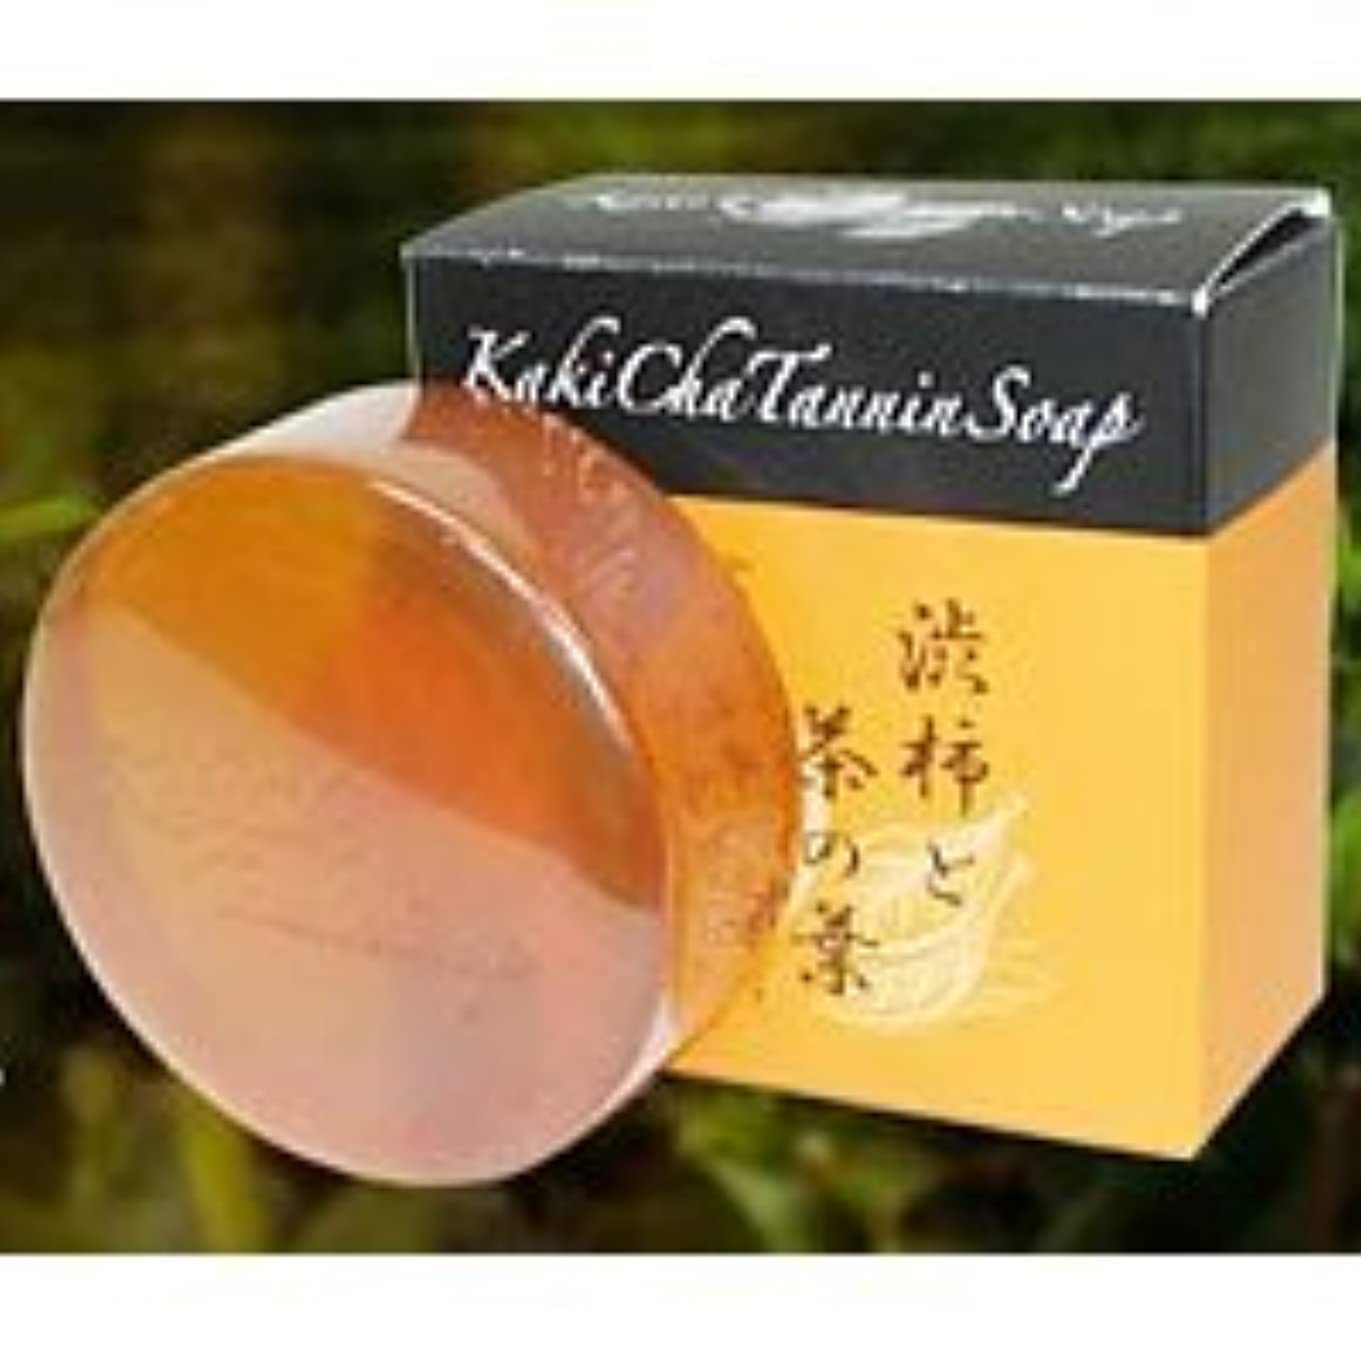 活性化する反動知り合いになるカキチャタンニンソープ 安心の日本製 カキチャタンニンソープ (マイルドクリアソープ) カキチャ タンニンソープ 柿渋ソープ